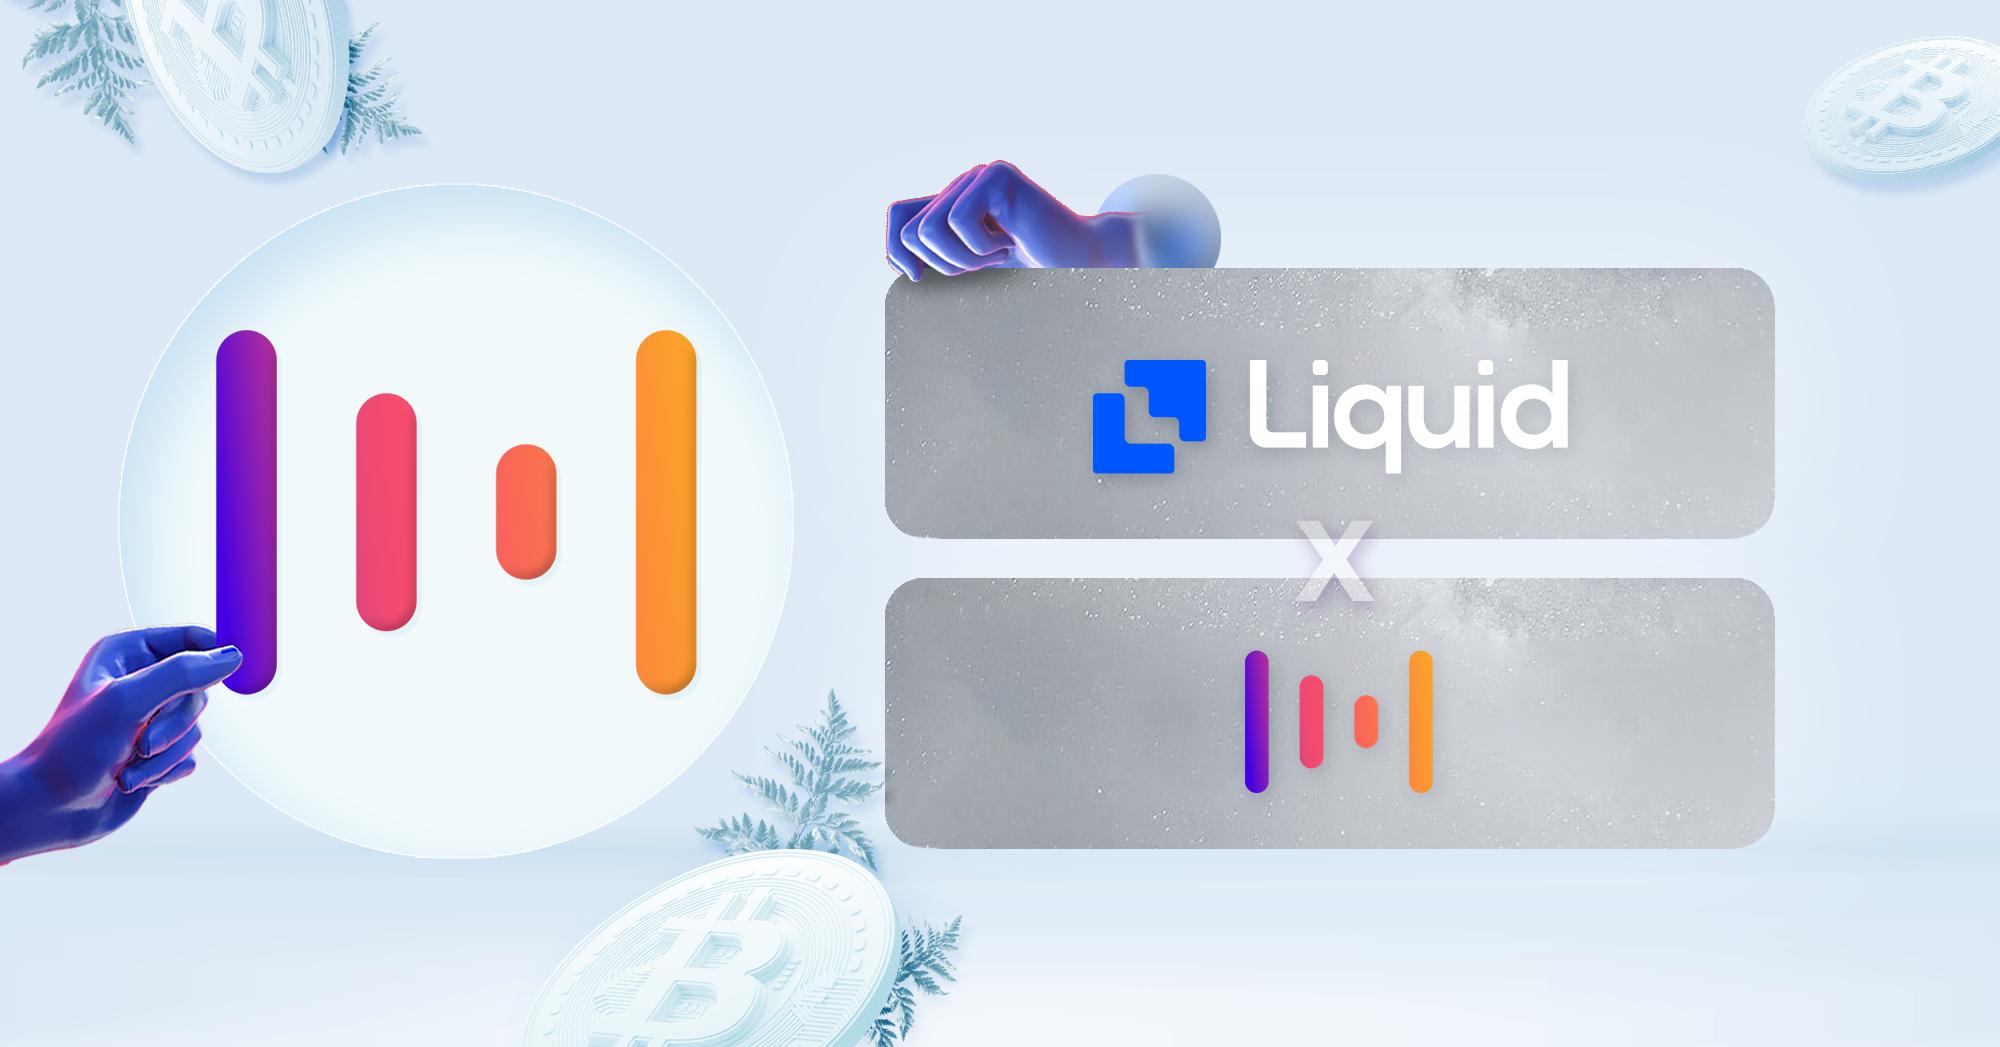 Buy Metal MLT token on Liquid